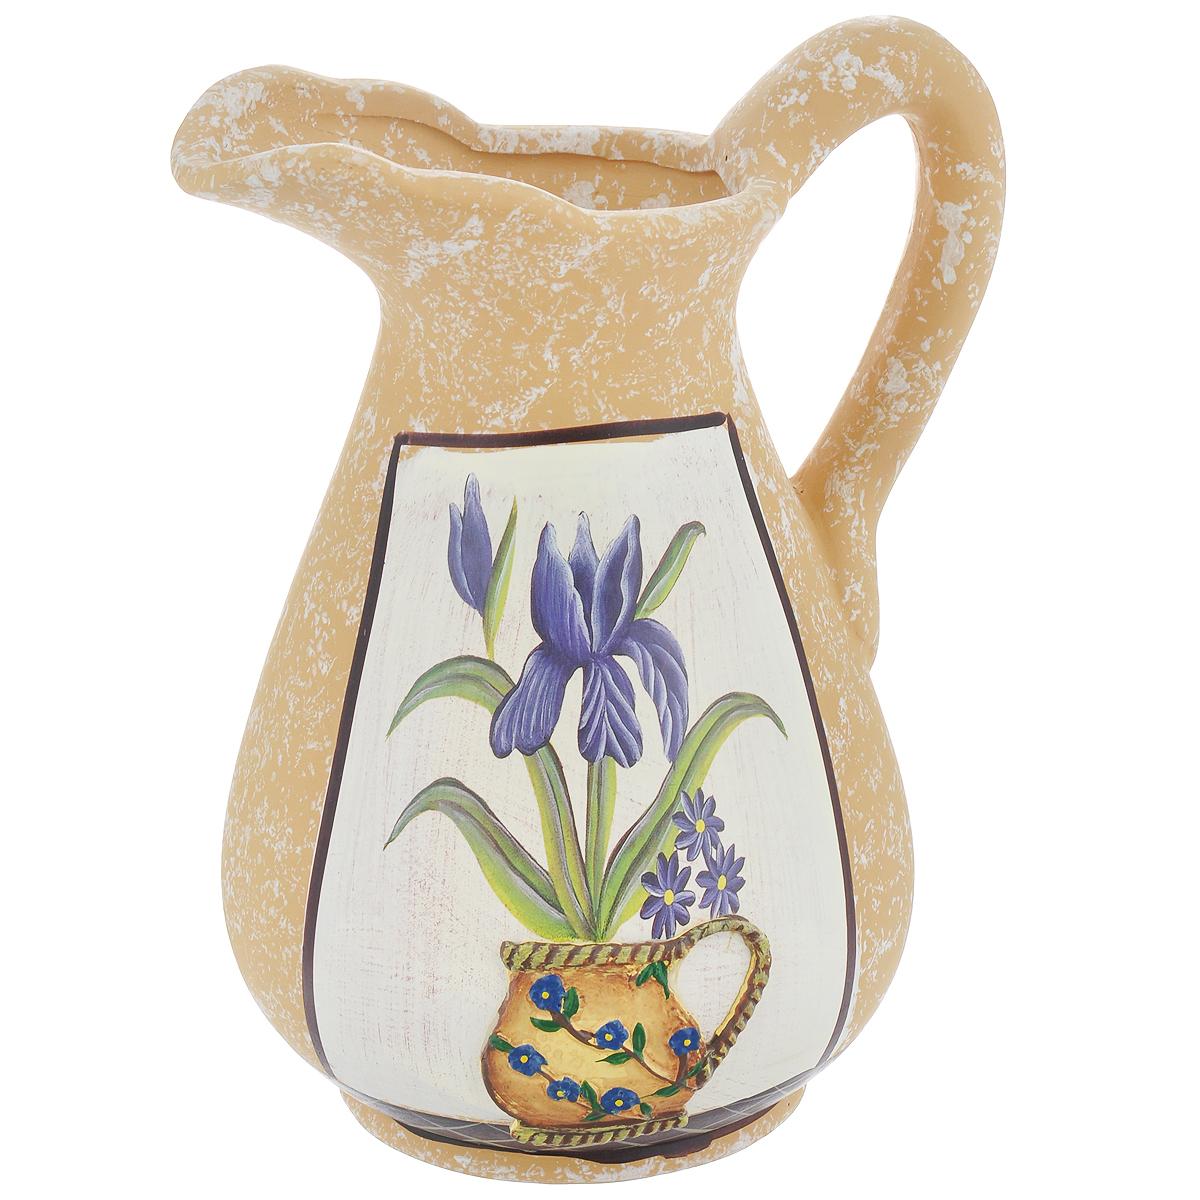 Ваза Lillo Ирисы, высота 25 смLil 3053Элегантная ваза Lillo Ирисы выполнена из высококачественной керамики в виде кувшина и декорирована рисунком. Она придется по вкусу и ценителям классики, и тем, кто предпочитает утонченность и изящность. Вы можете поставить вазу в любом месте, где она будет удачно смотреться и радовать глаз. Такая ваза подойдет и для цветов, и для декора интерьера. Кроме того - это отличный вариант подарка для ваших близких и друзей. Высота вазы: 25 см.Диаметр по верхнему краю: 6 см.Диаметр основания: 11,5 см.